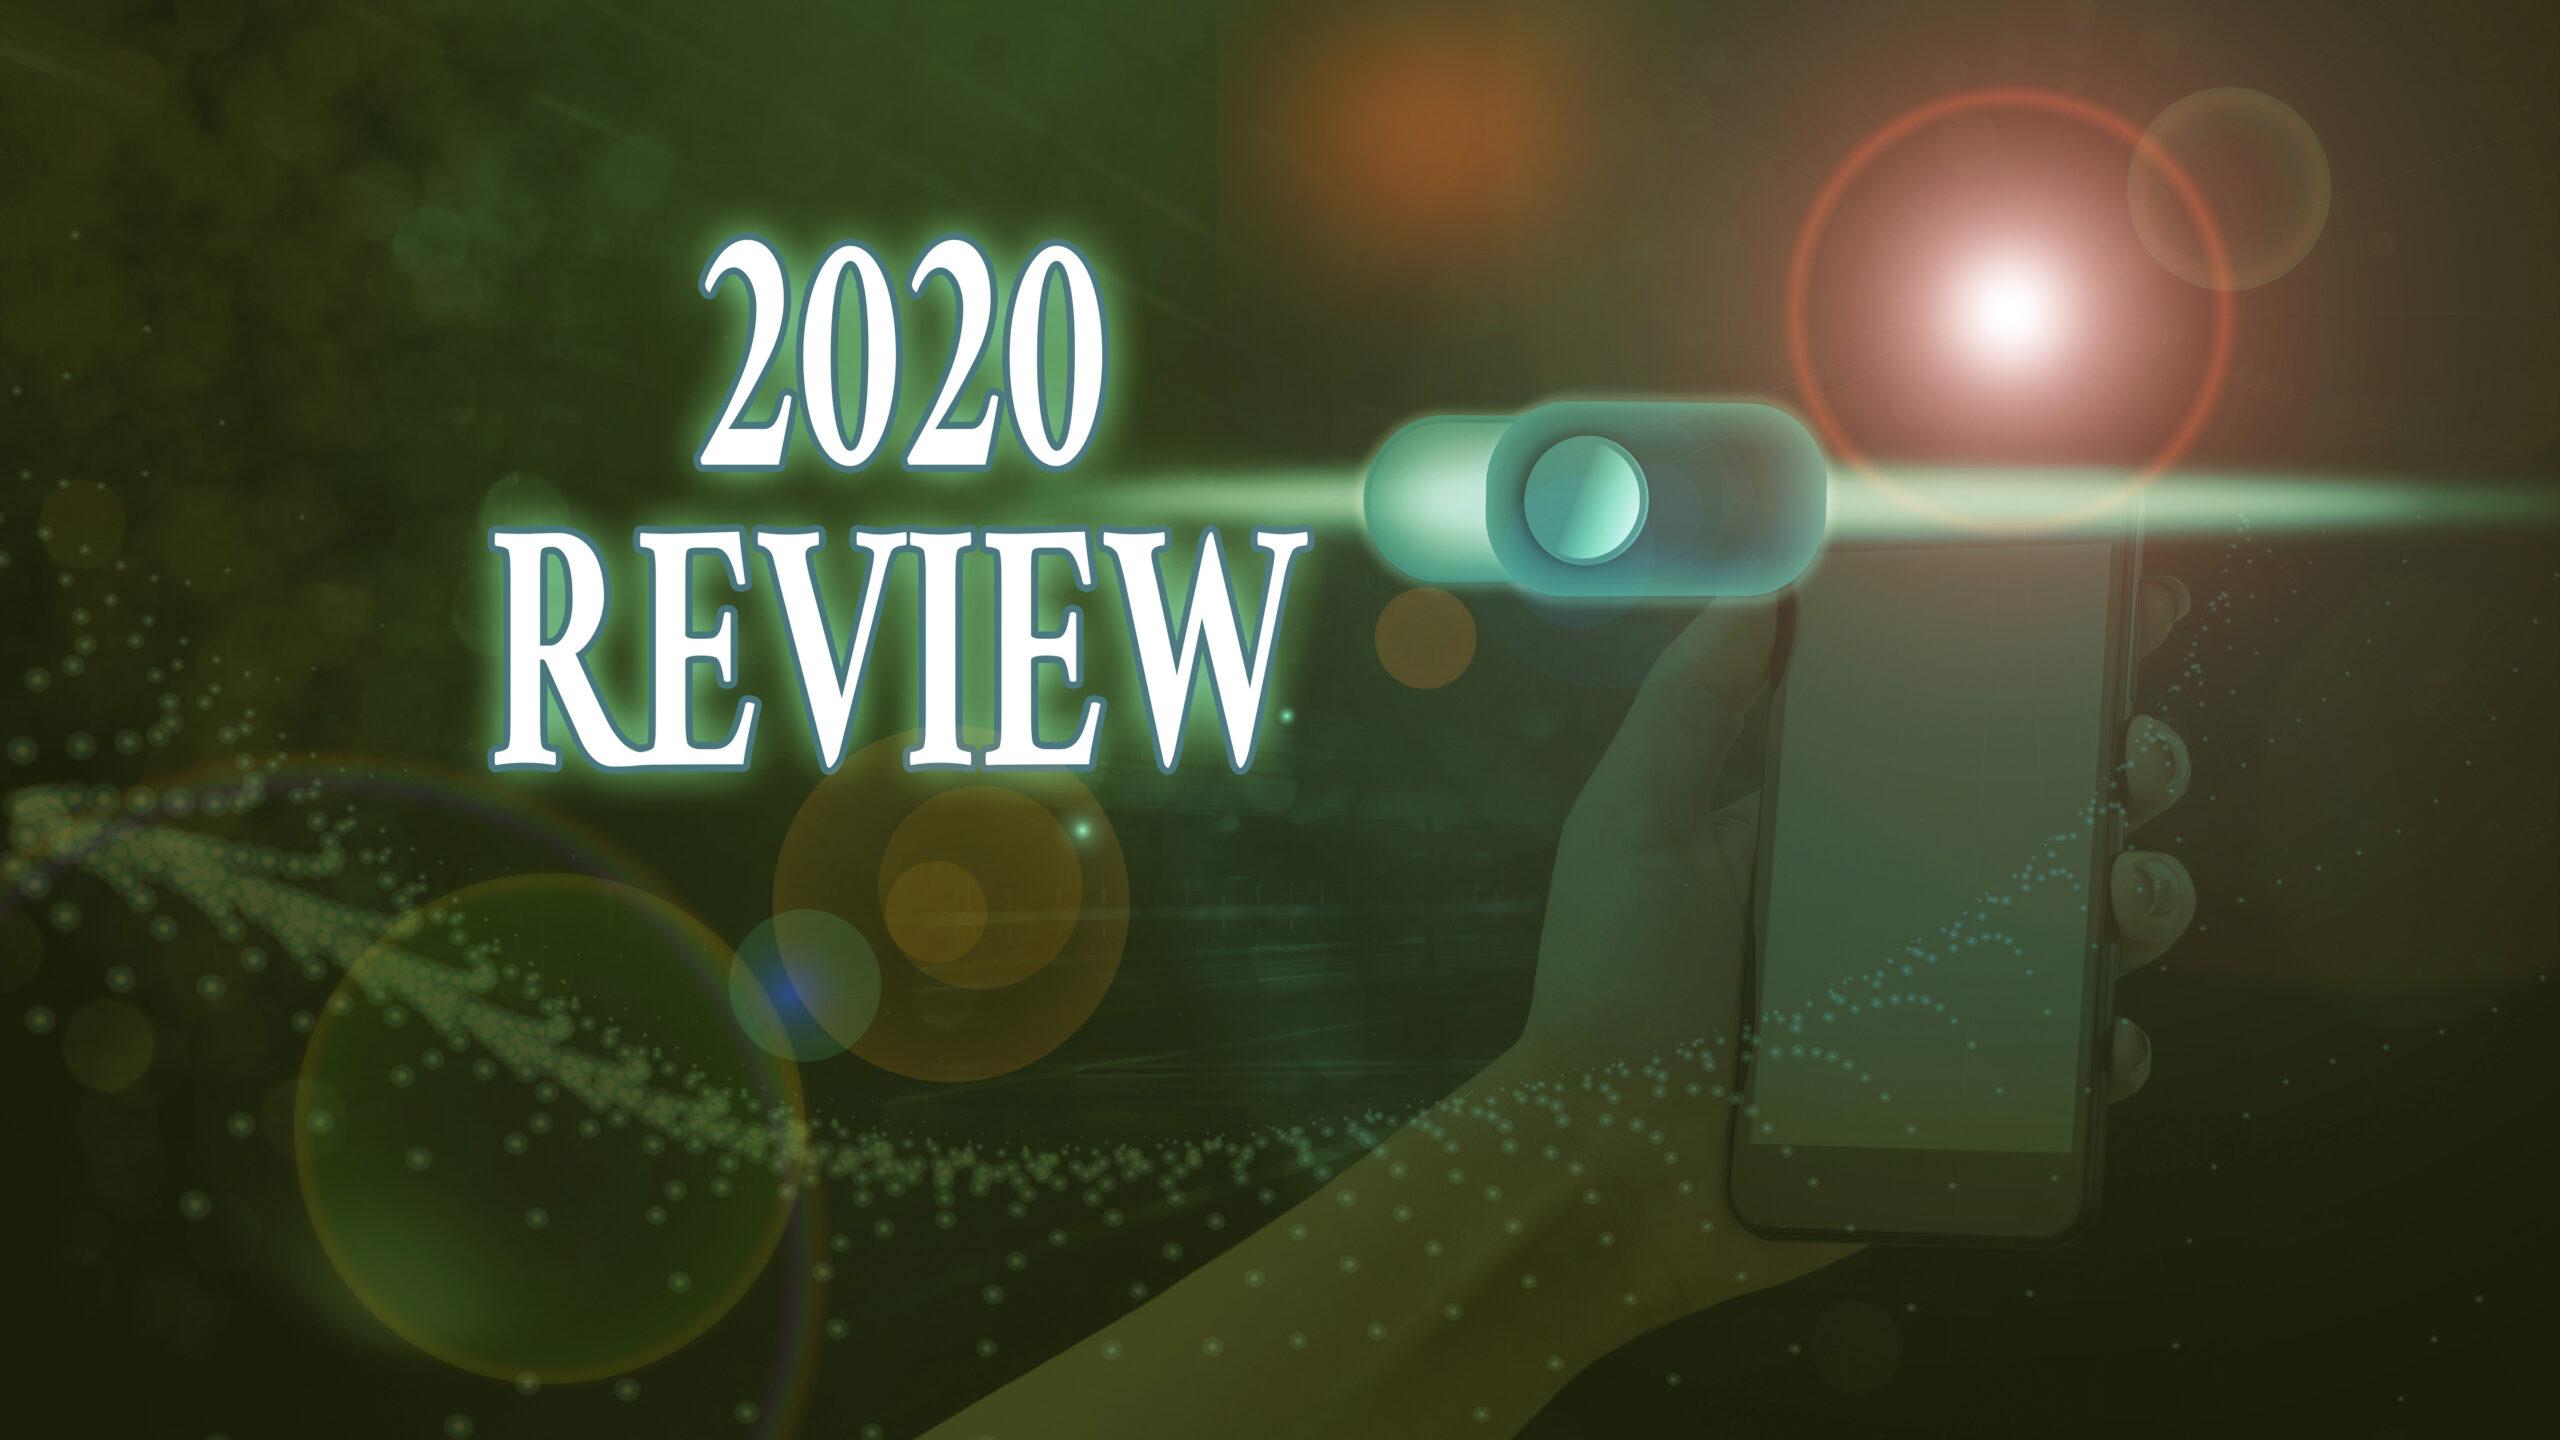 Addio 2020, benvenuto 2021